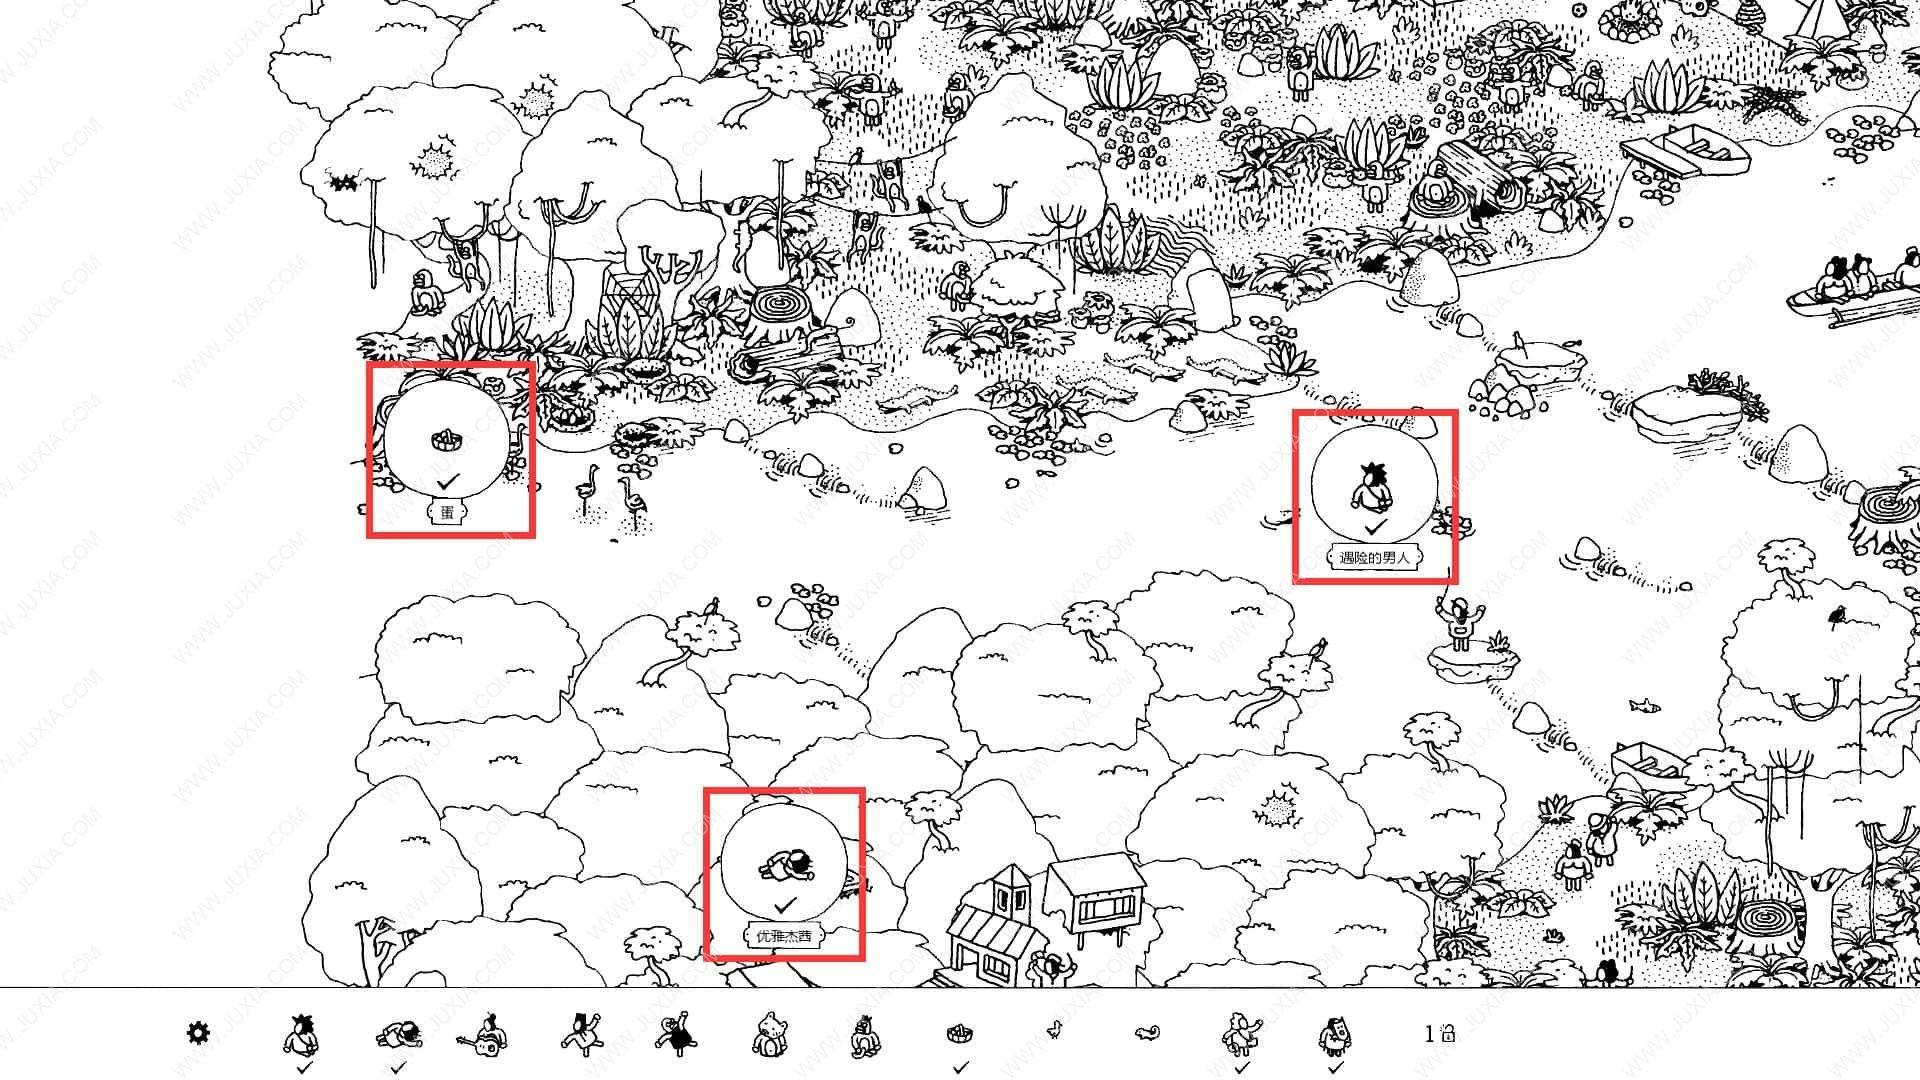 隐藏的家伙攻略图文森林第2关 HiddenFolks图文攻略森林第二关